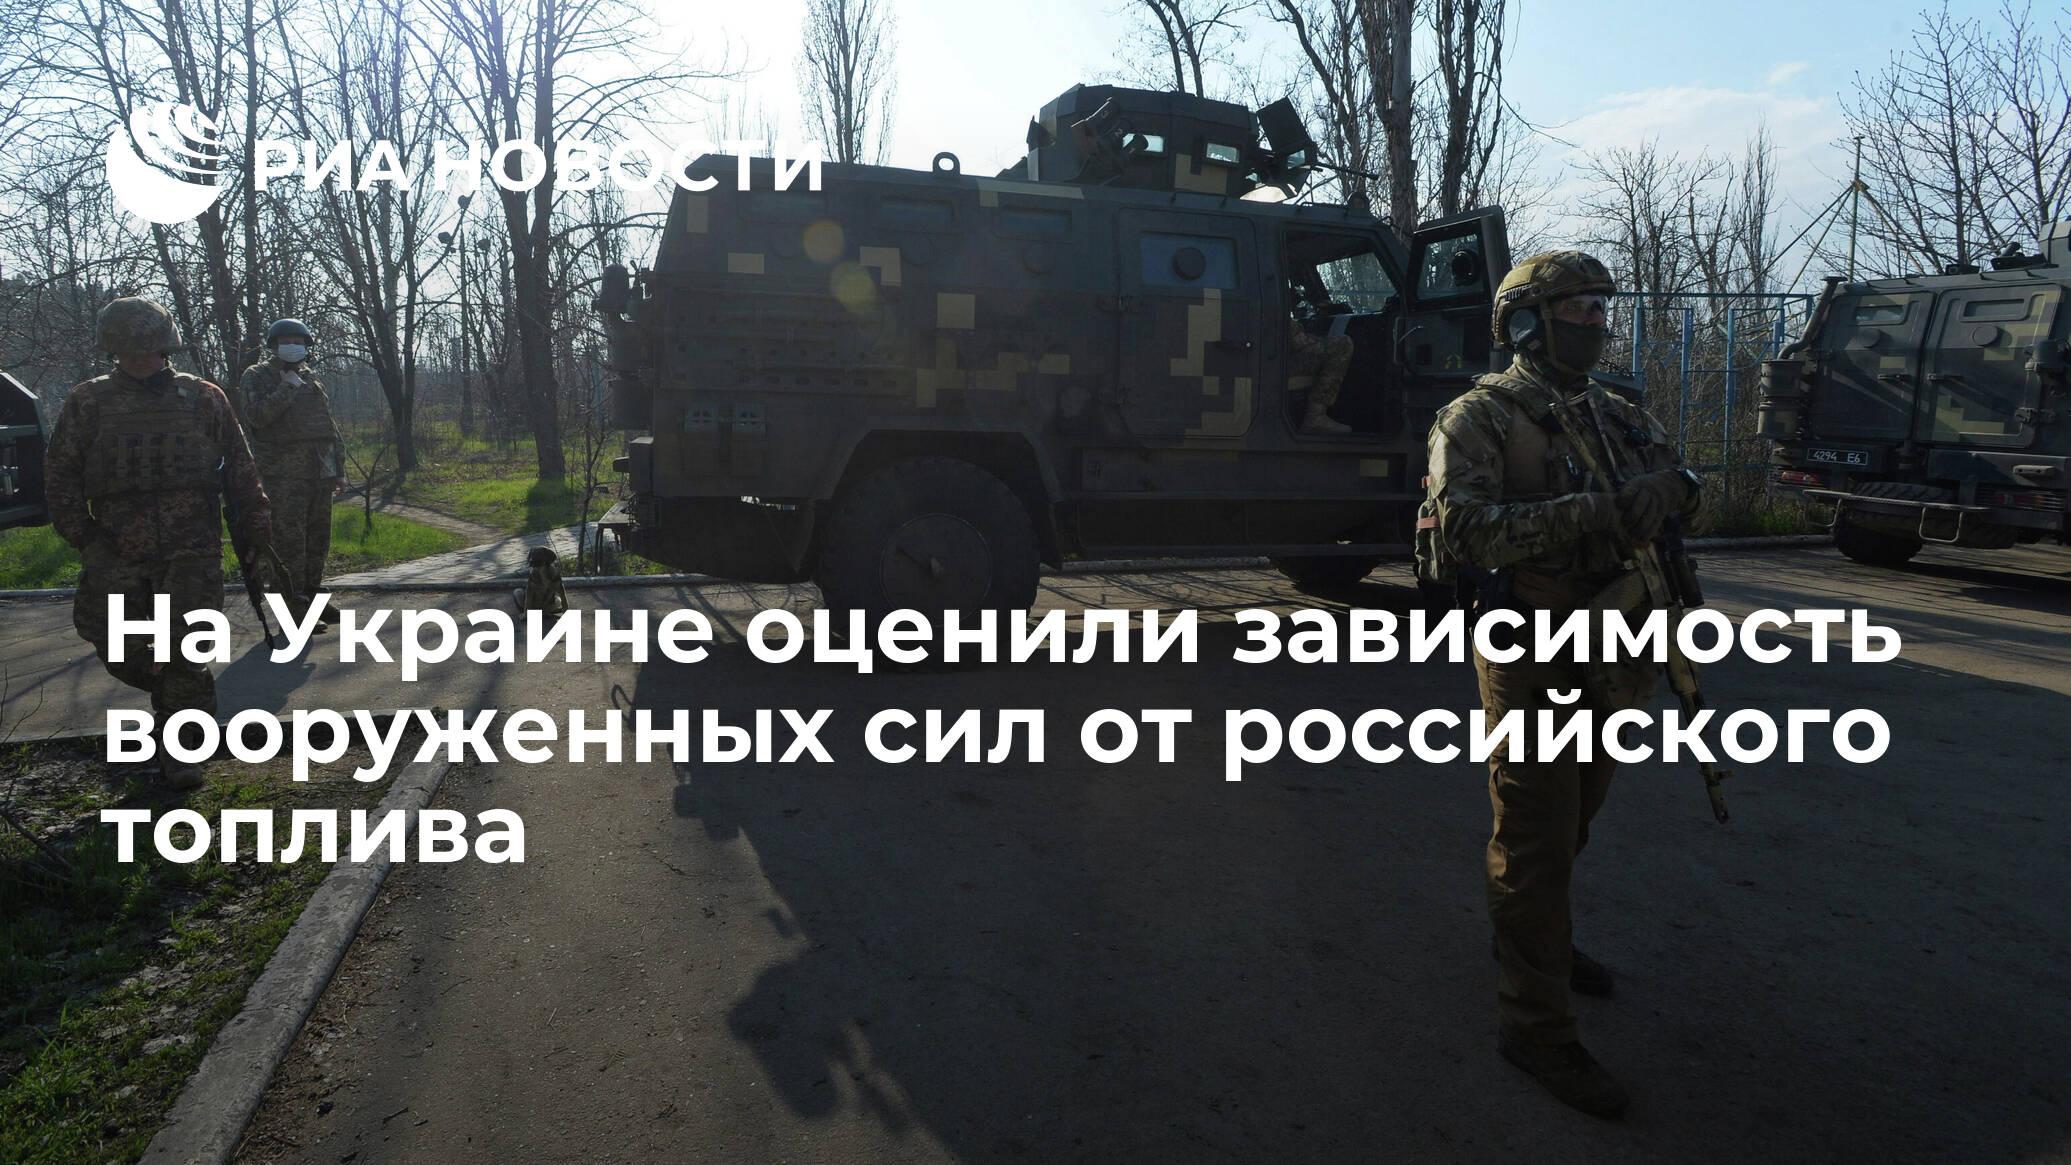 В Киеве оценили зависимость вооруженных сил от российского топлива